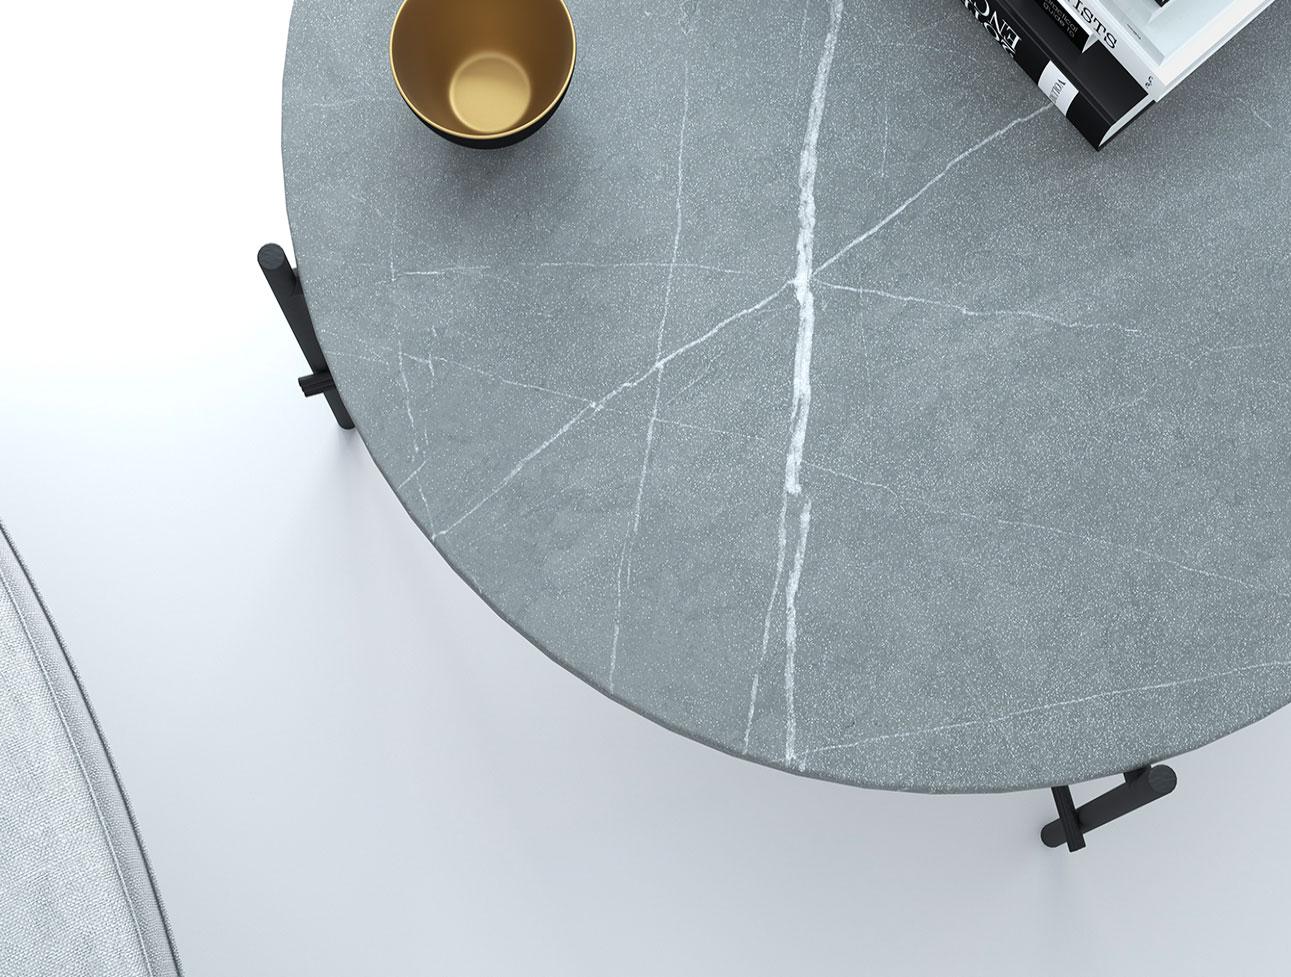 Carrelage effet pierre naturelle gris, finition spécifique texturée, reproduction des veines de la pierre